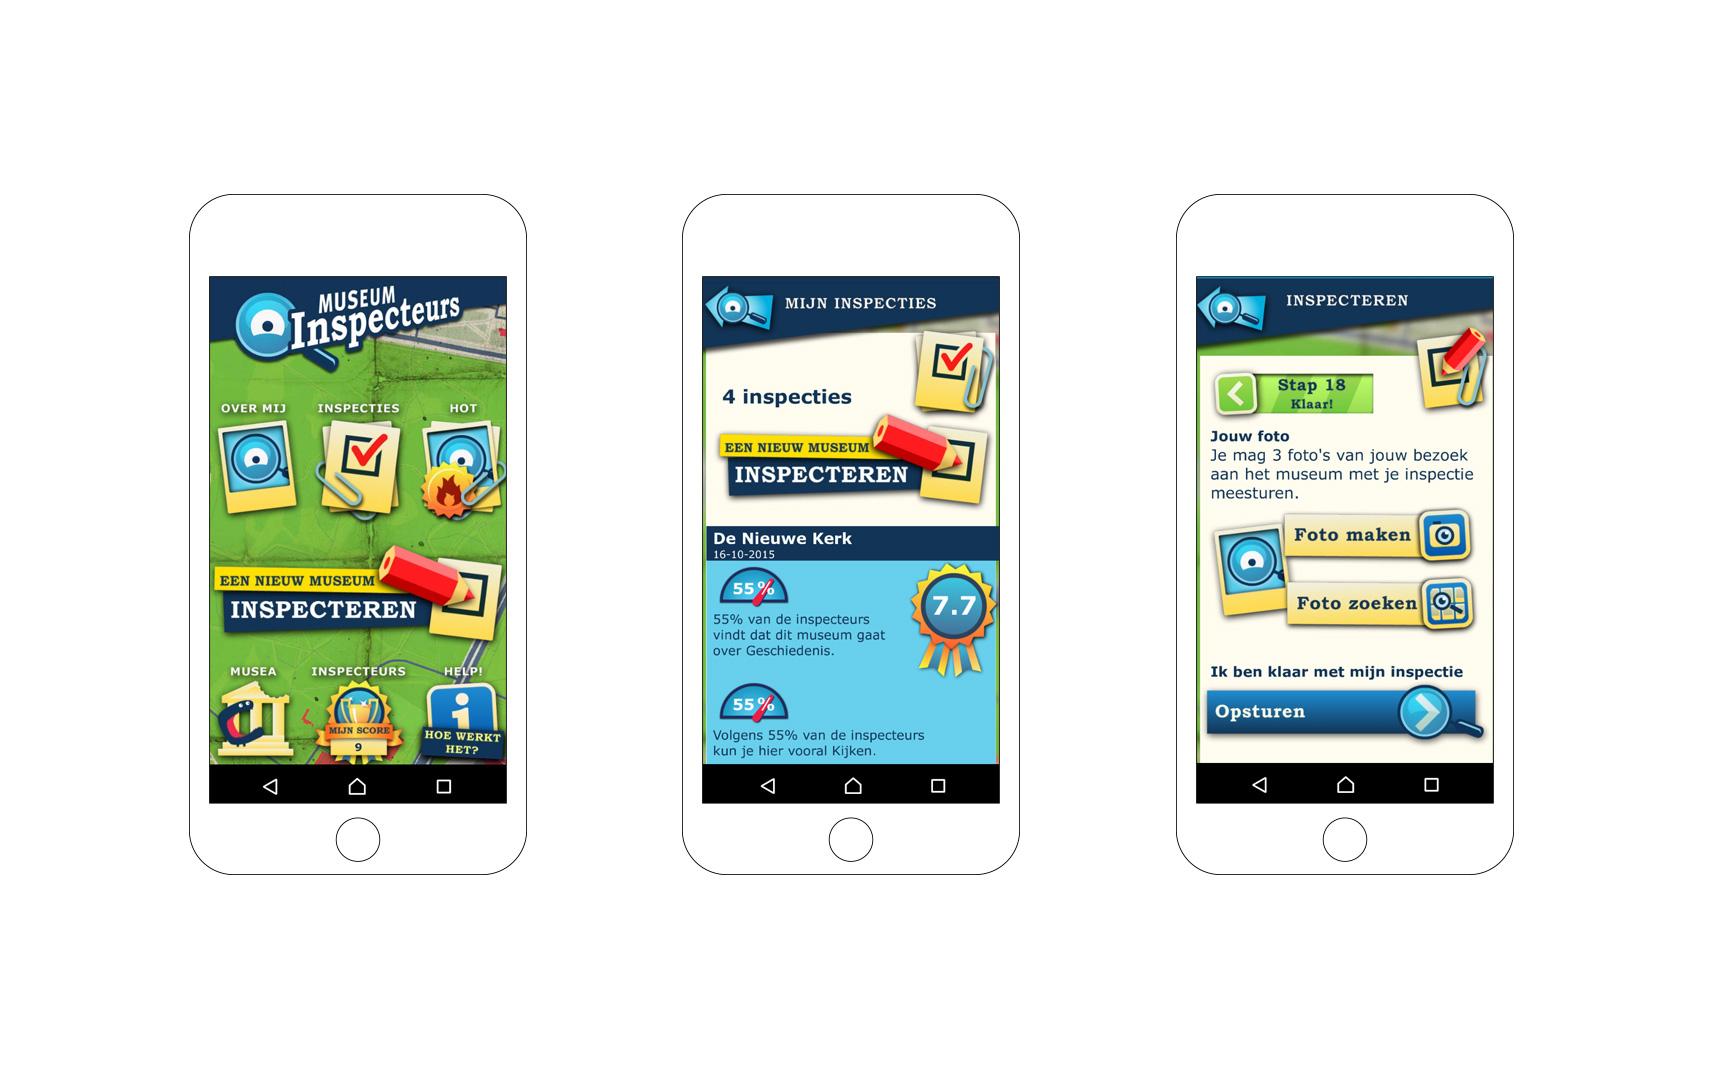 Museuminspecteurs app voor IOS en Android